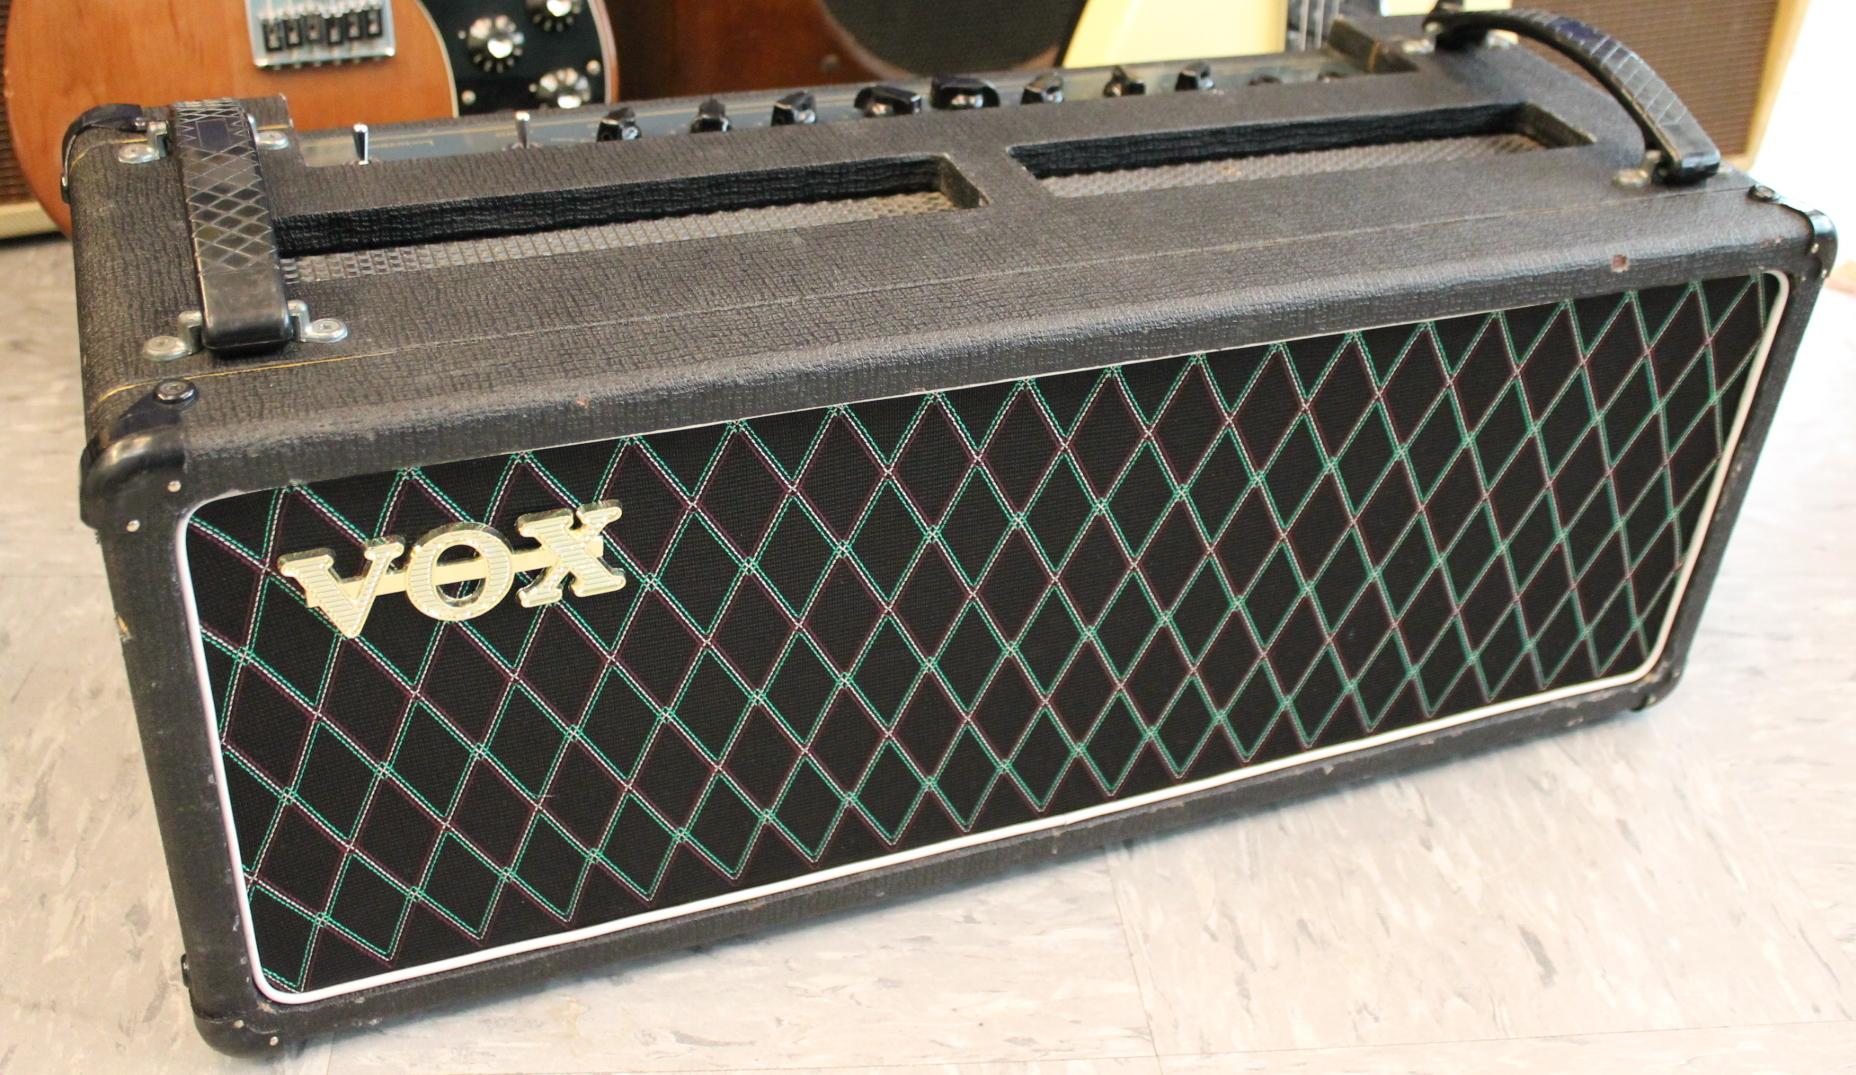 vox lead v125 1980 39 s amp for sale kitarakuu. Black Bedroom Furniture Sets. Home Design Ideas